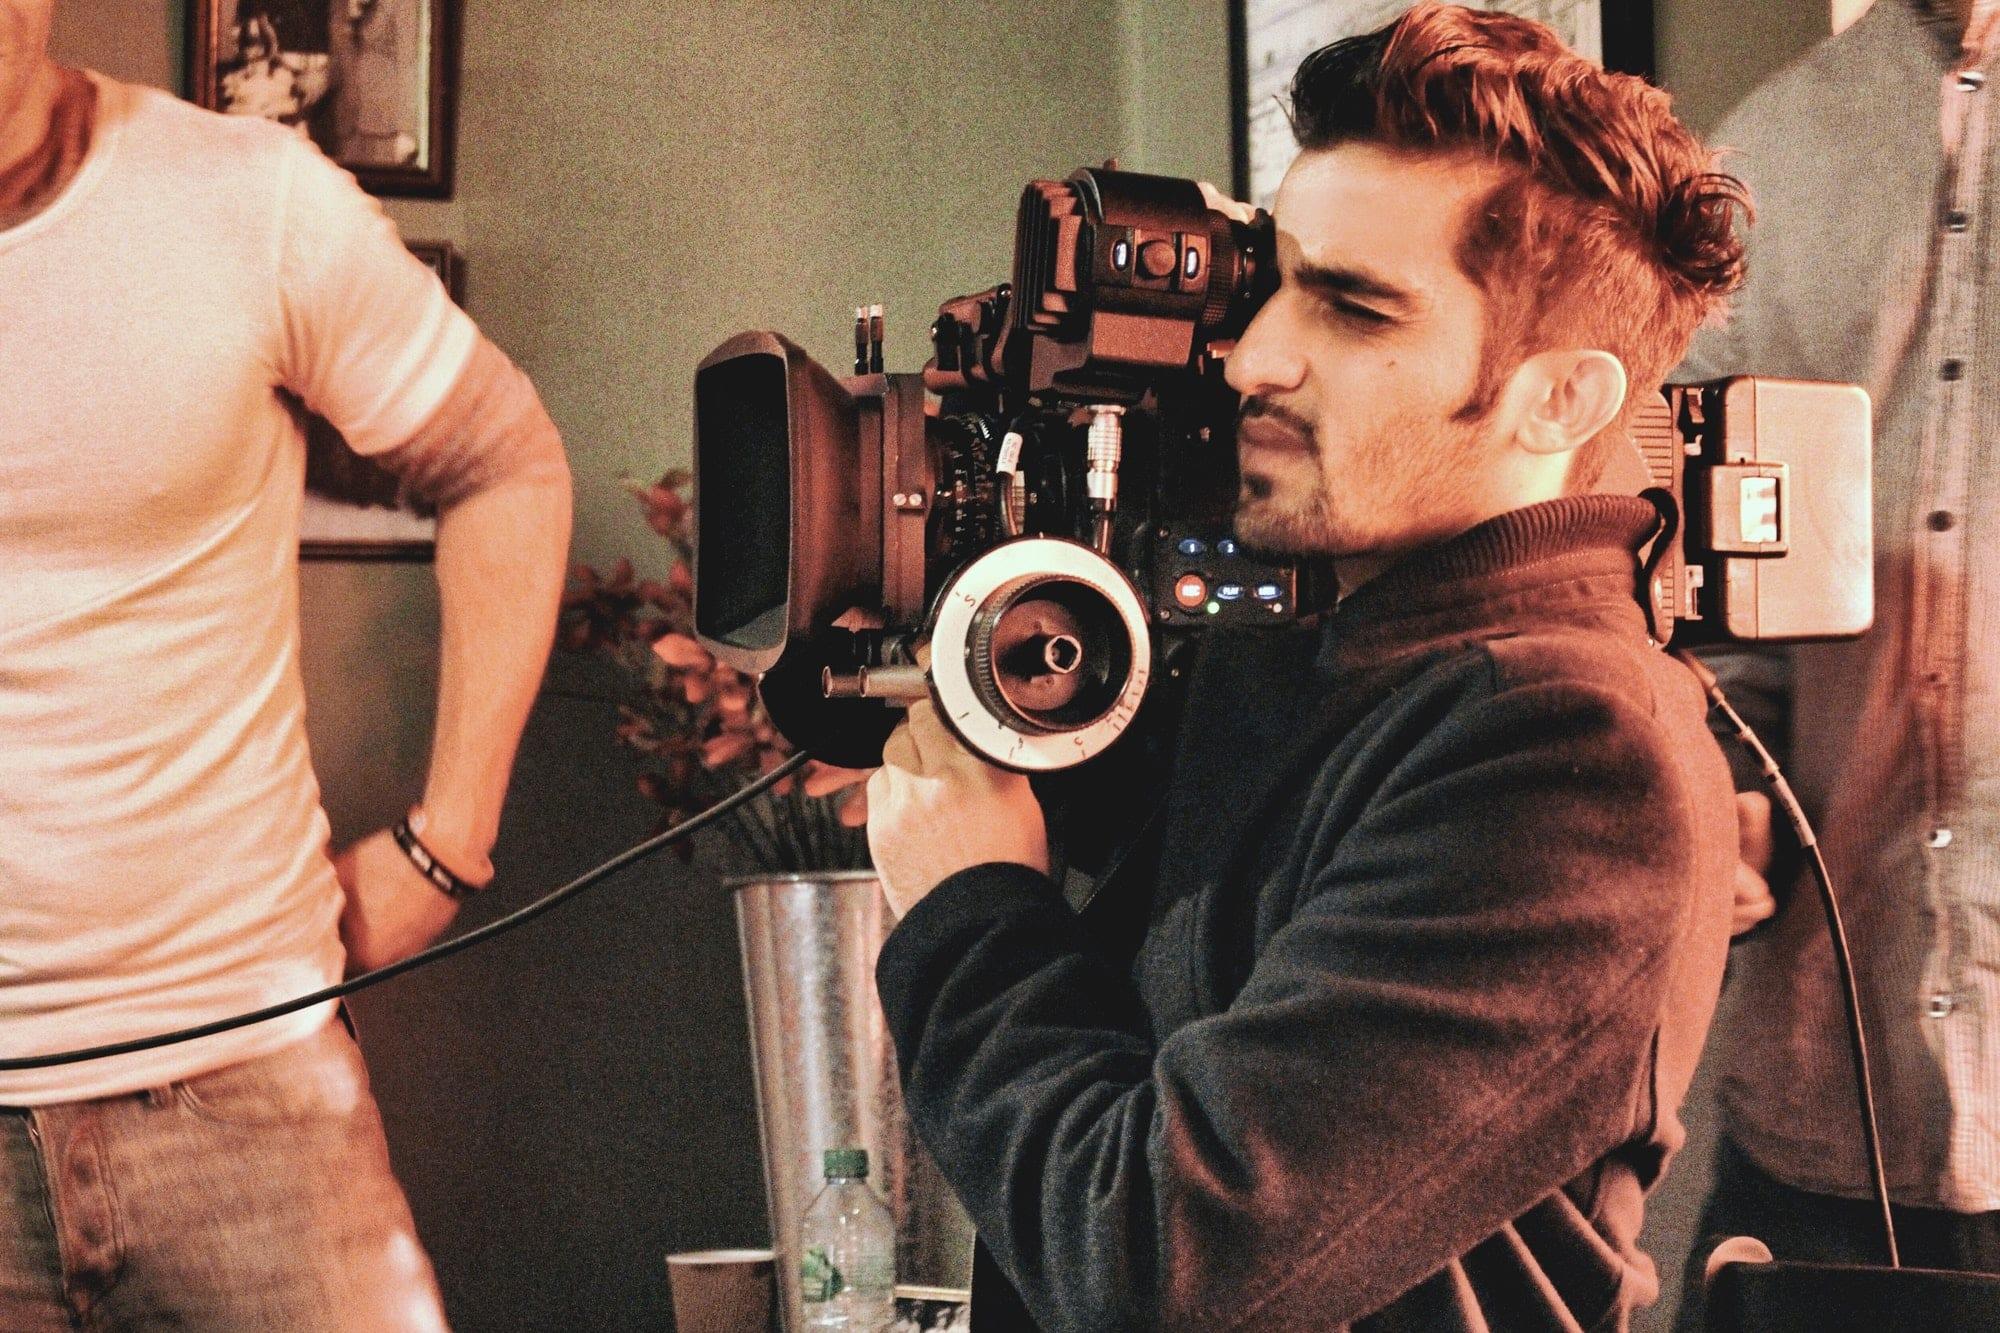 Filmmaker holding Arri Alexa film camera, filming a short film